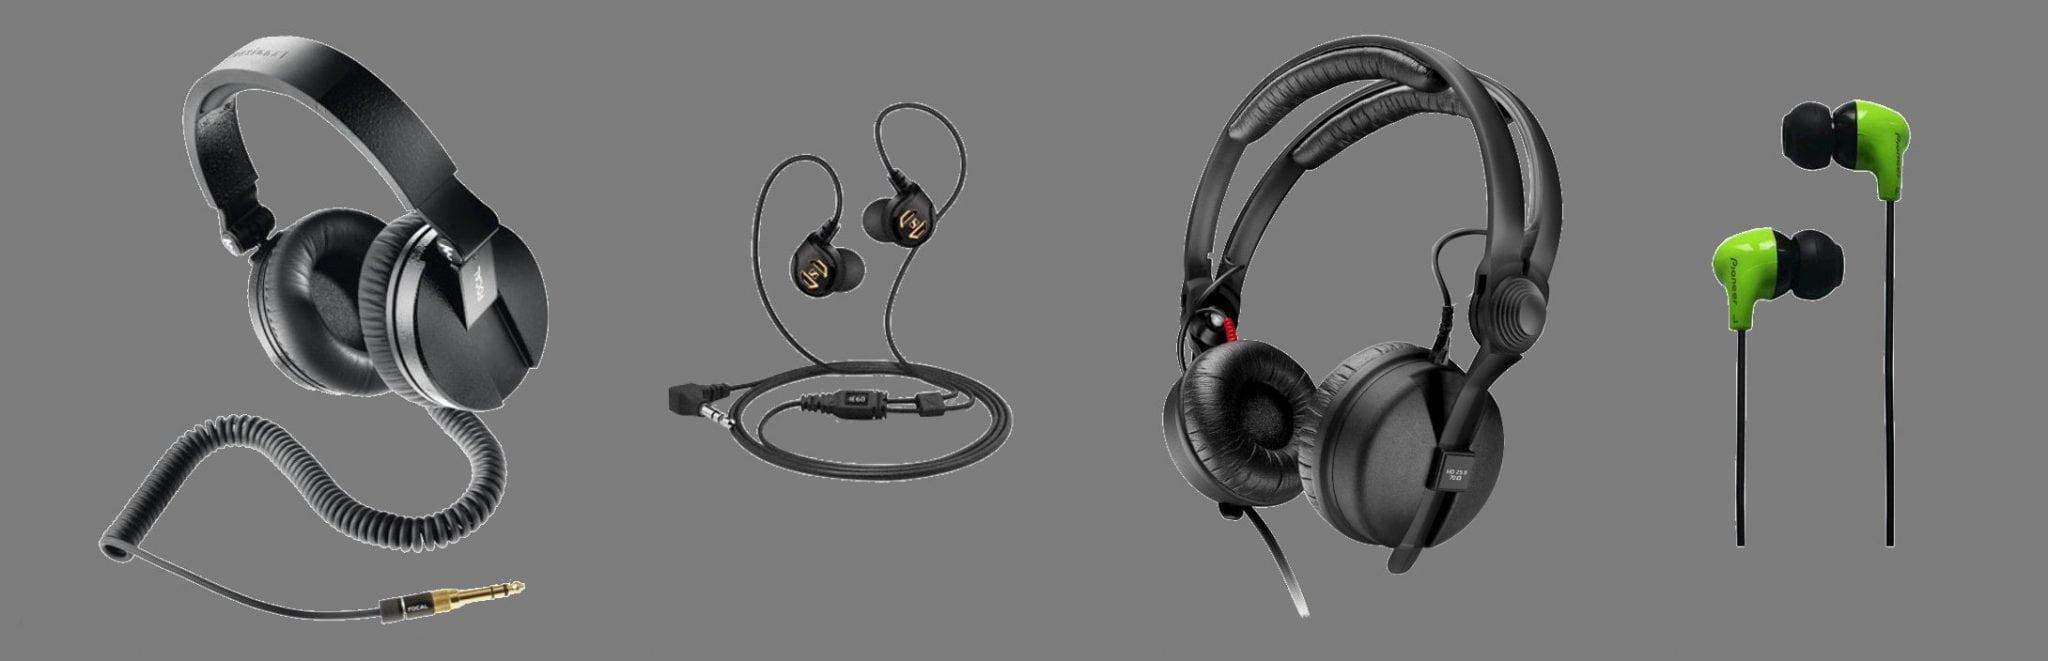 De koptelefoon en (in-ear) oordopjes: de voor- en nadelen